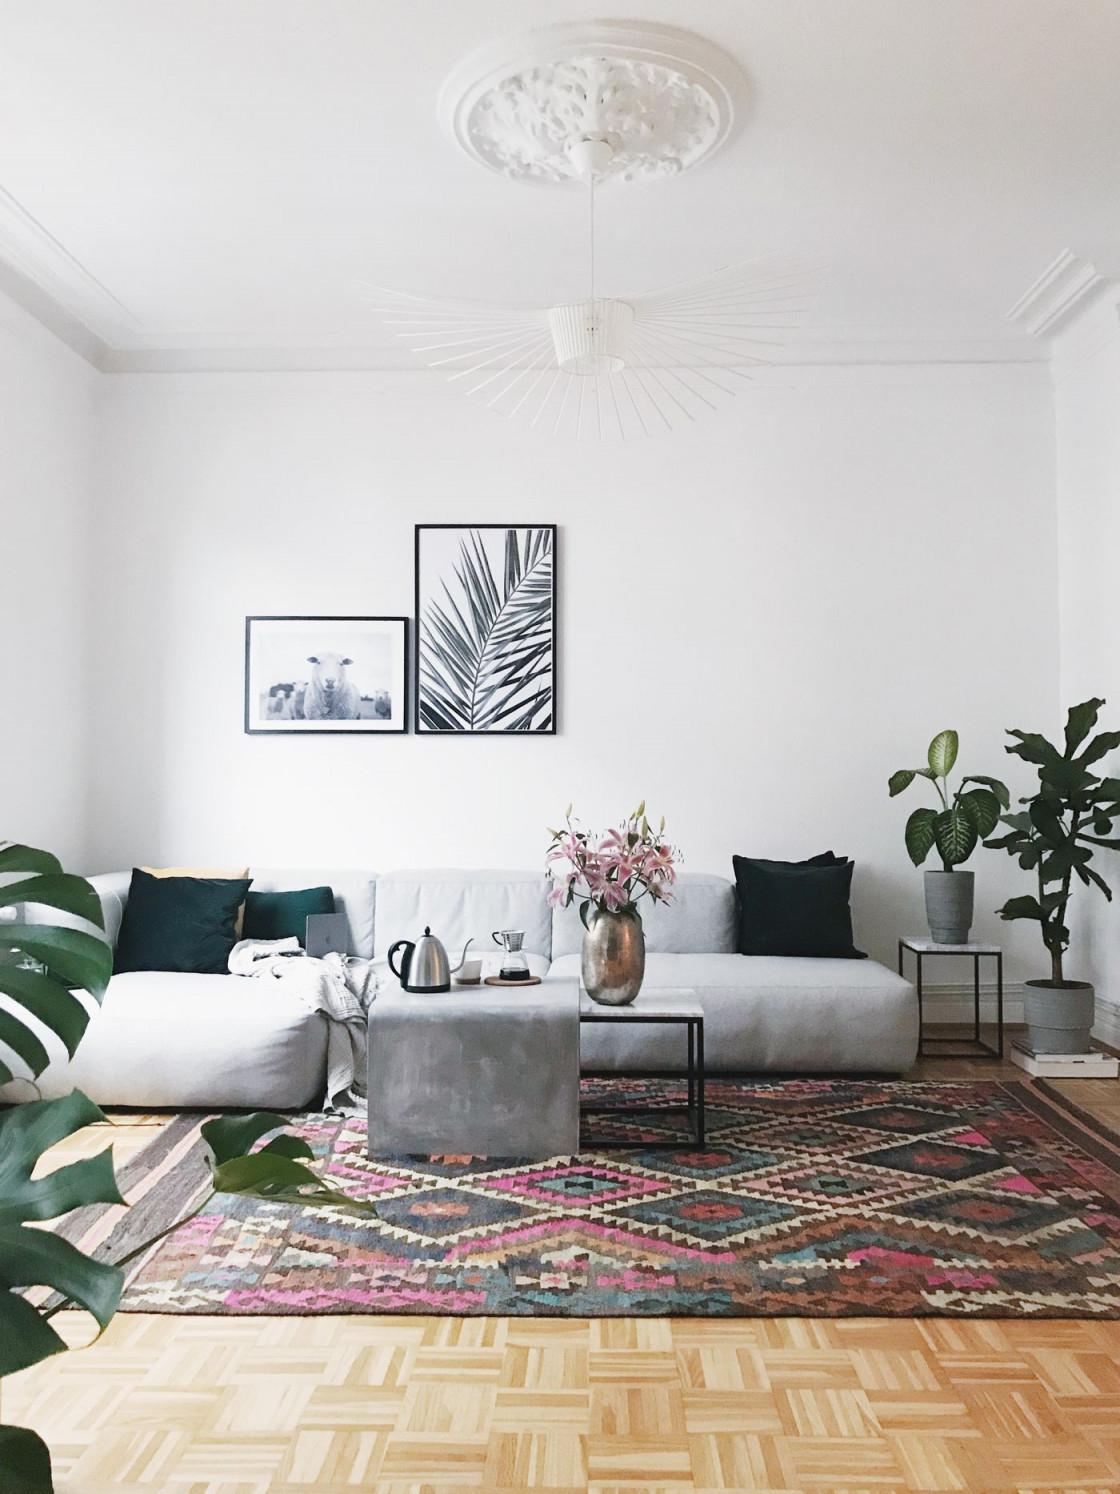 Die Schönsten Wohnzimmer Deko Ideen von Wohnzimmer Dekorieren Ideen Bild